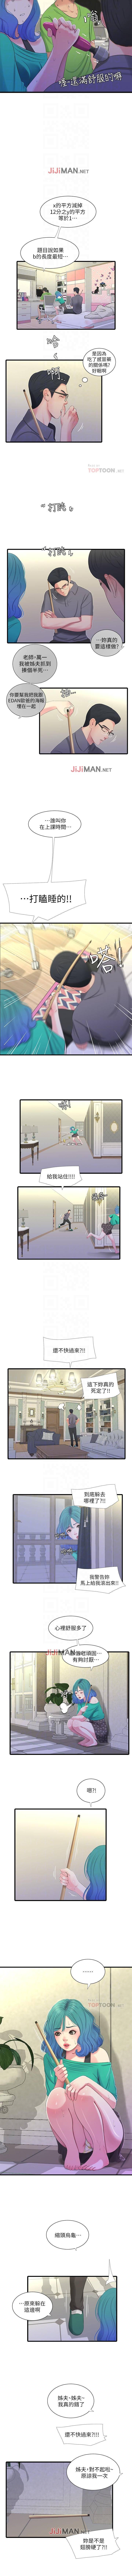 【周四连载】亲家四姐妹(作者:愛摸) 第1~37话 154